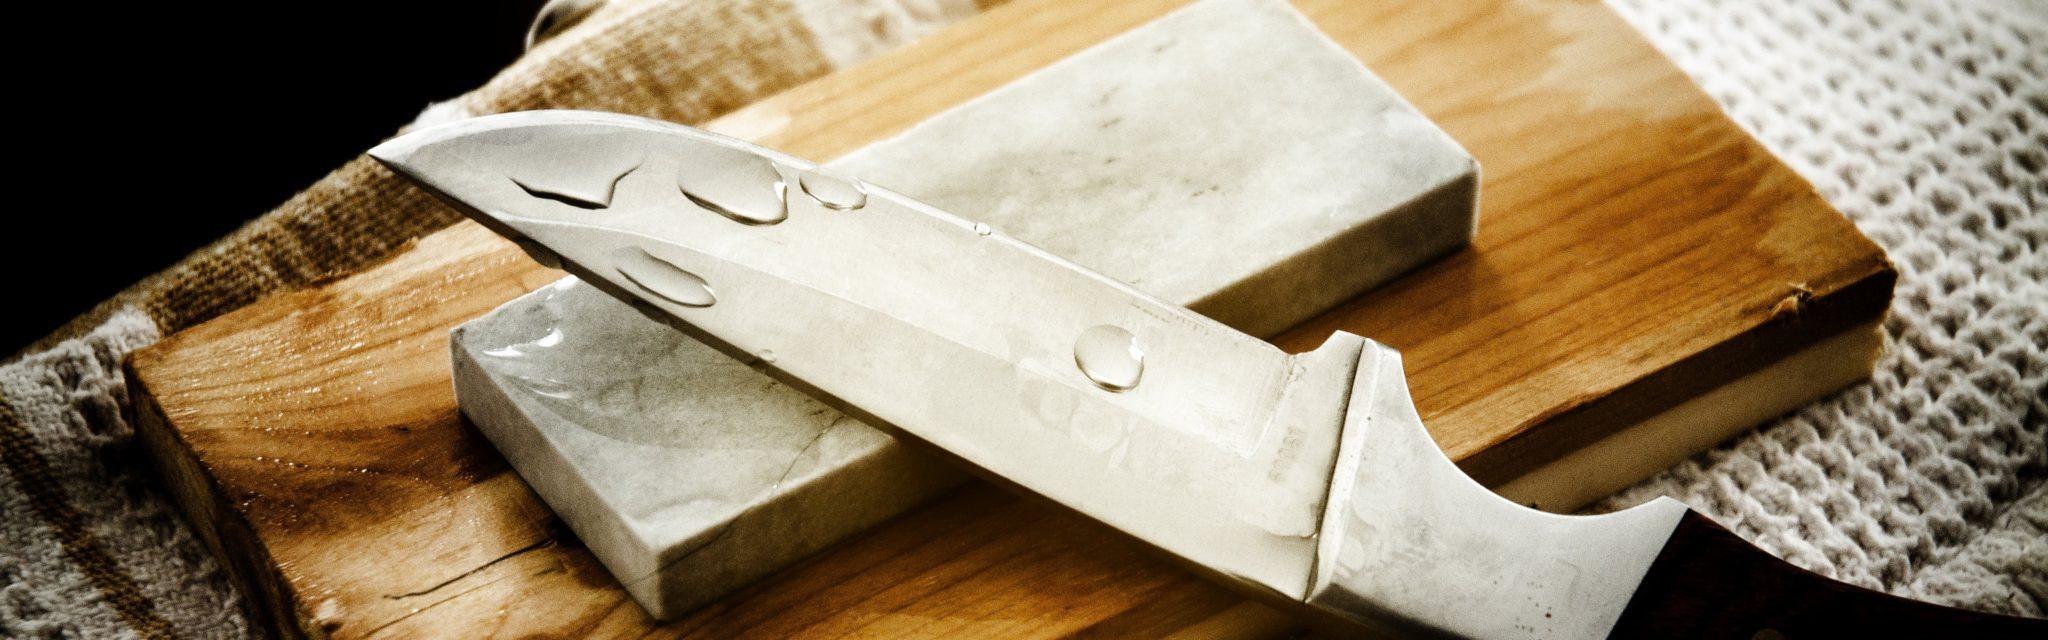 knife sharpening - banner